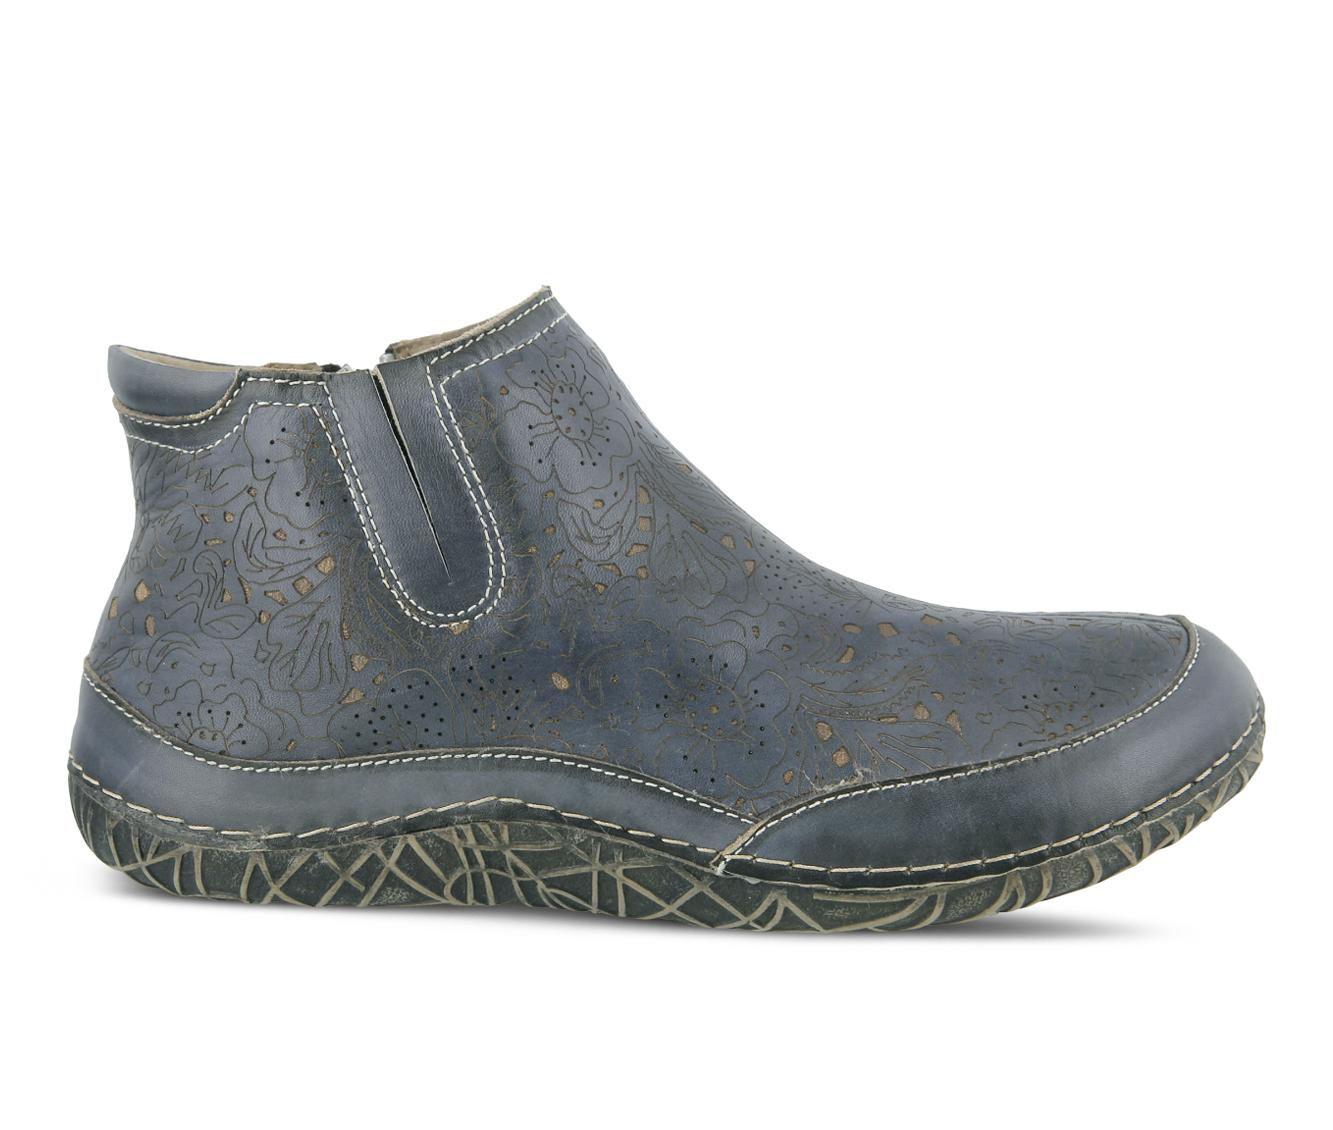 L'Artiste Libootie Women's Boots (Blue Leather)